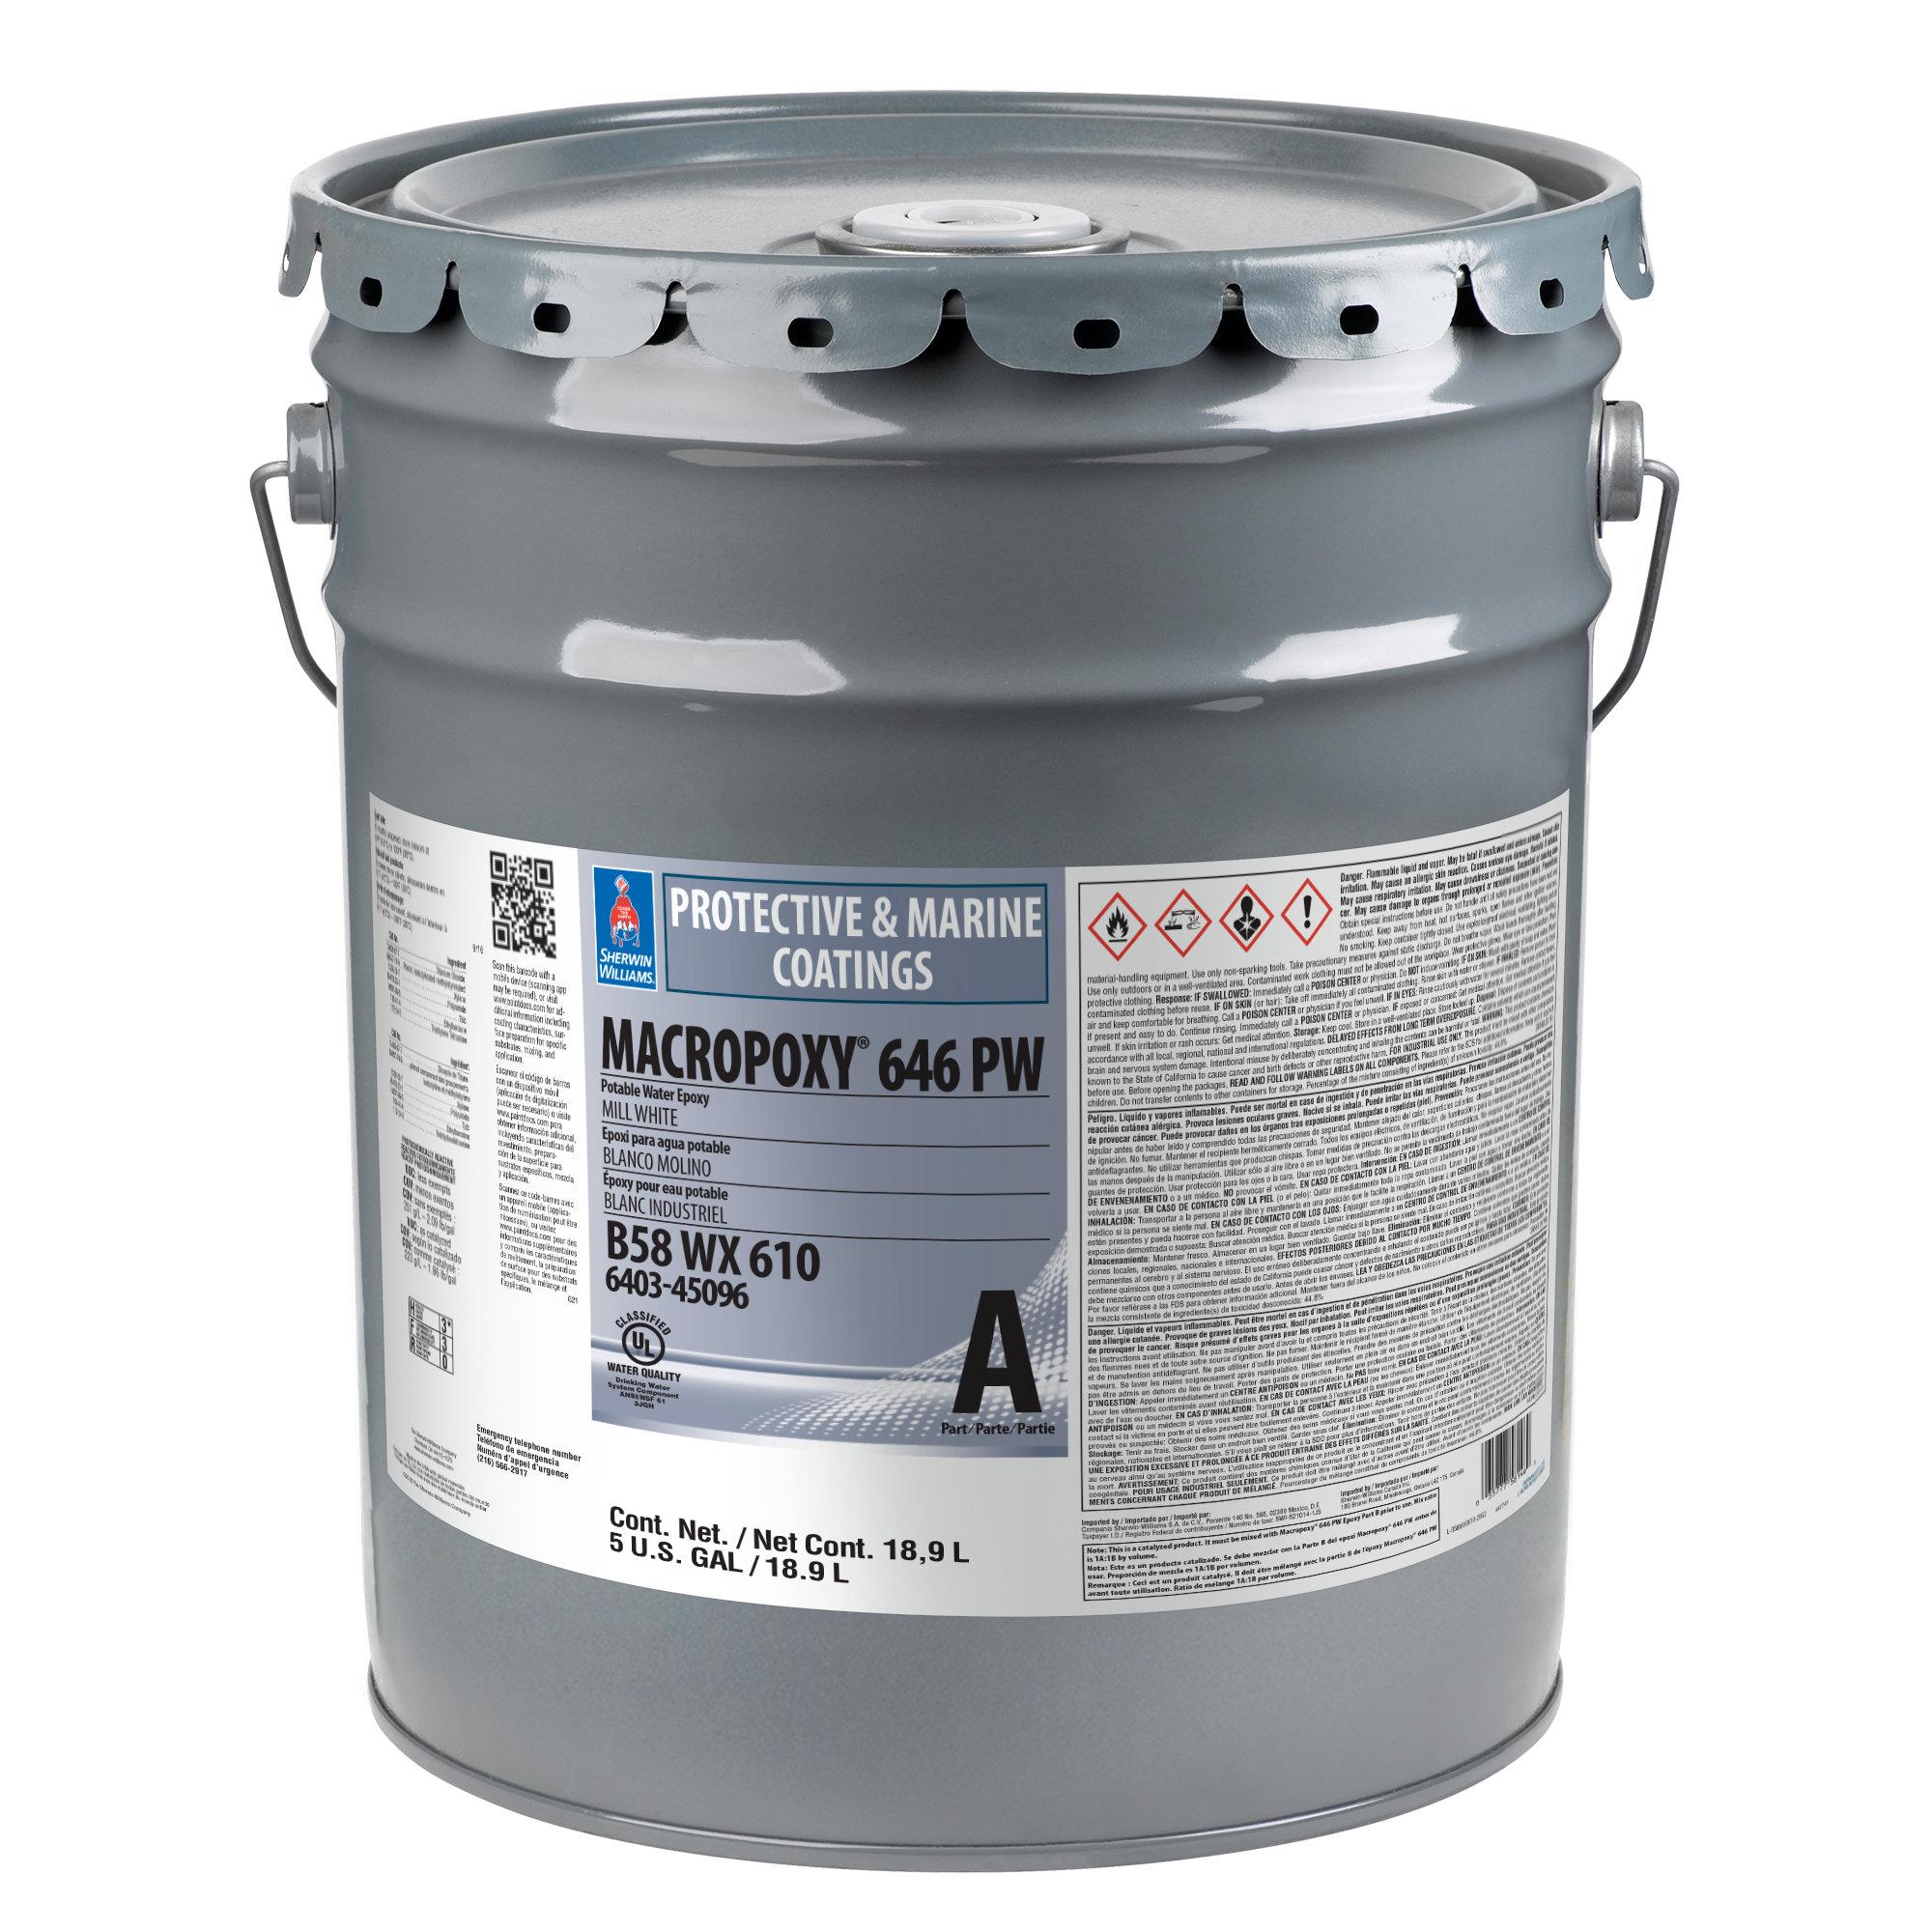 MACROPOXY 646 PW Potable Water Epoxy (Part A)